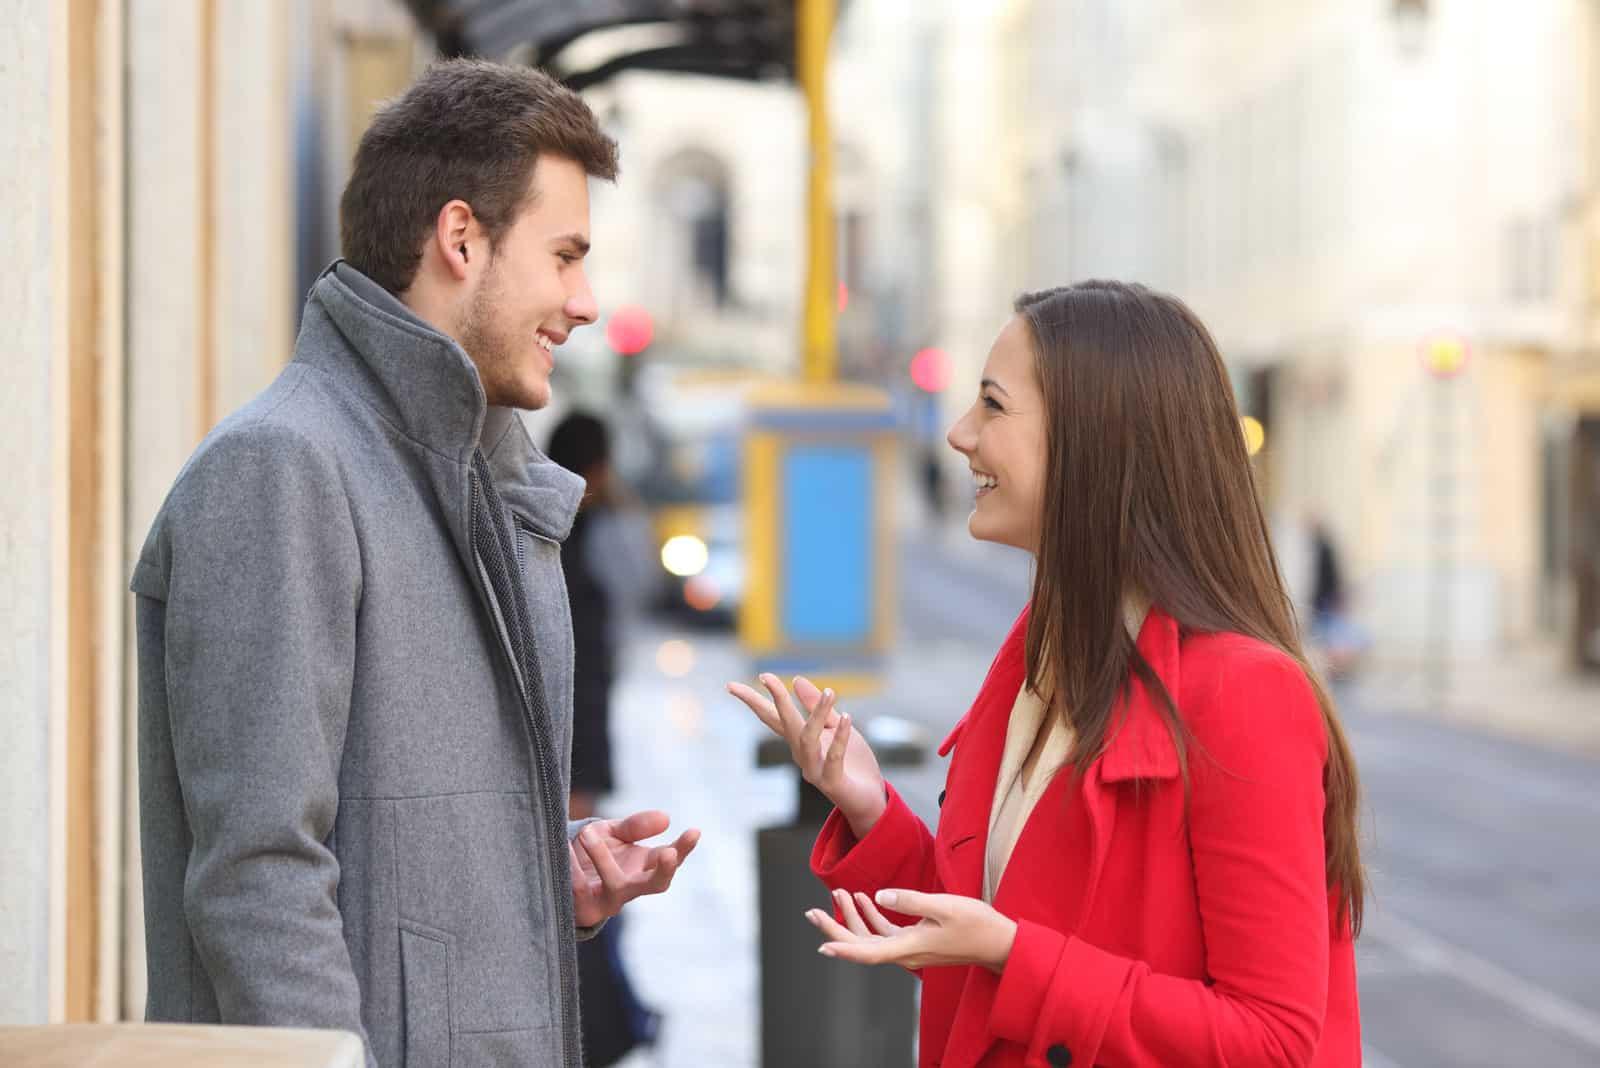 homme et femme discutant dans la rue